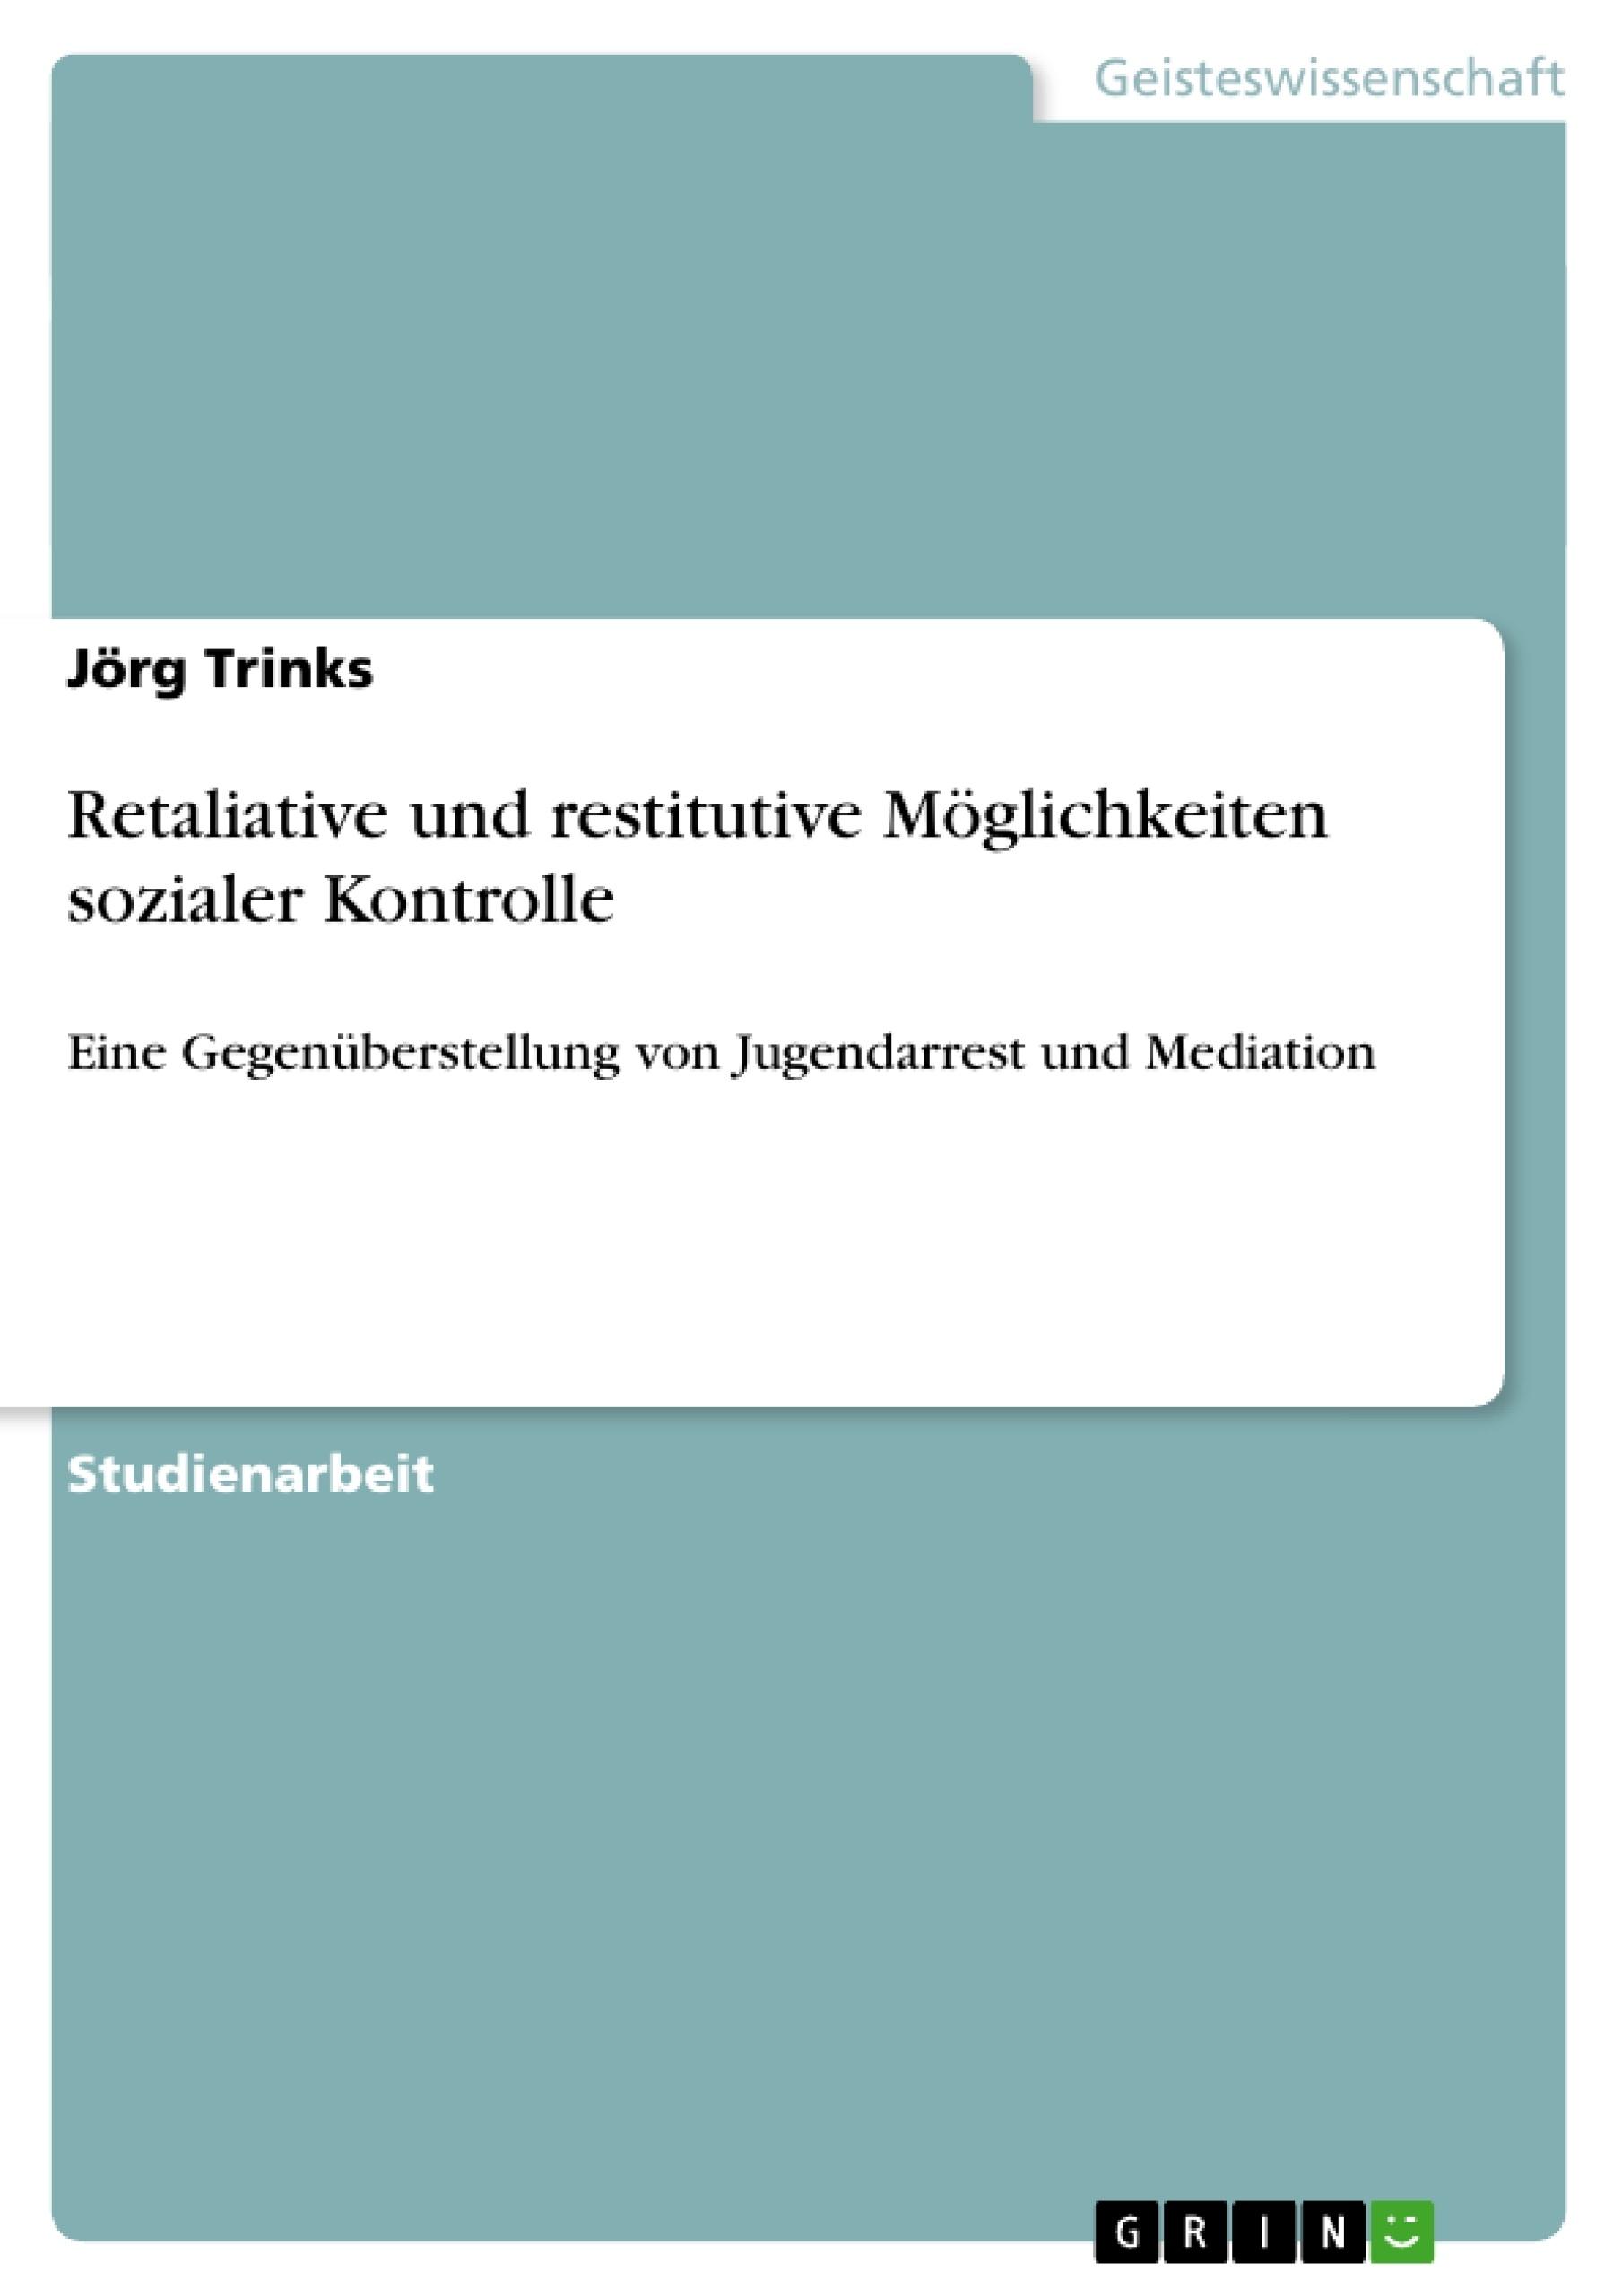 Titel: Retaliative und restitutive Möglichkeiten sozialer Kontrolle